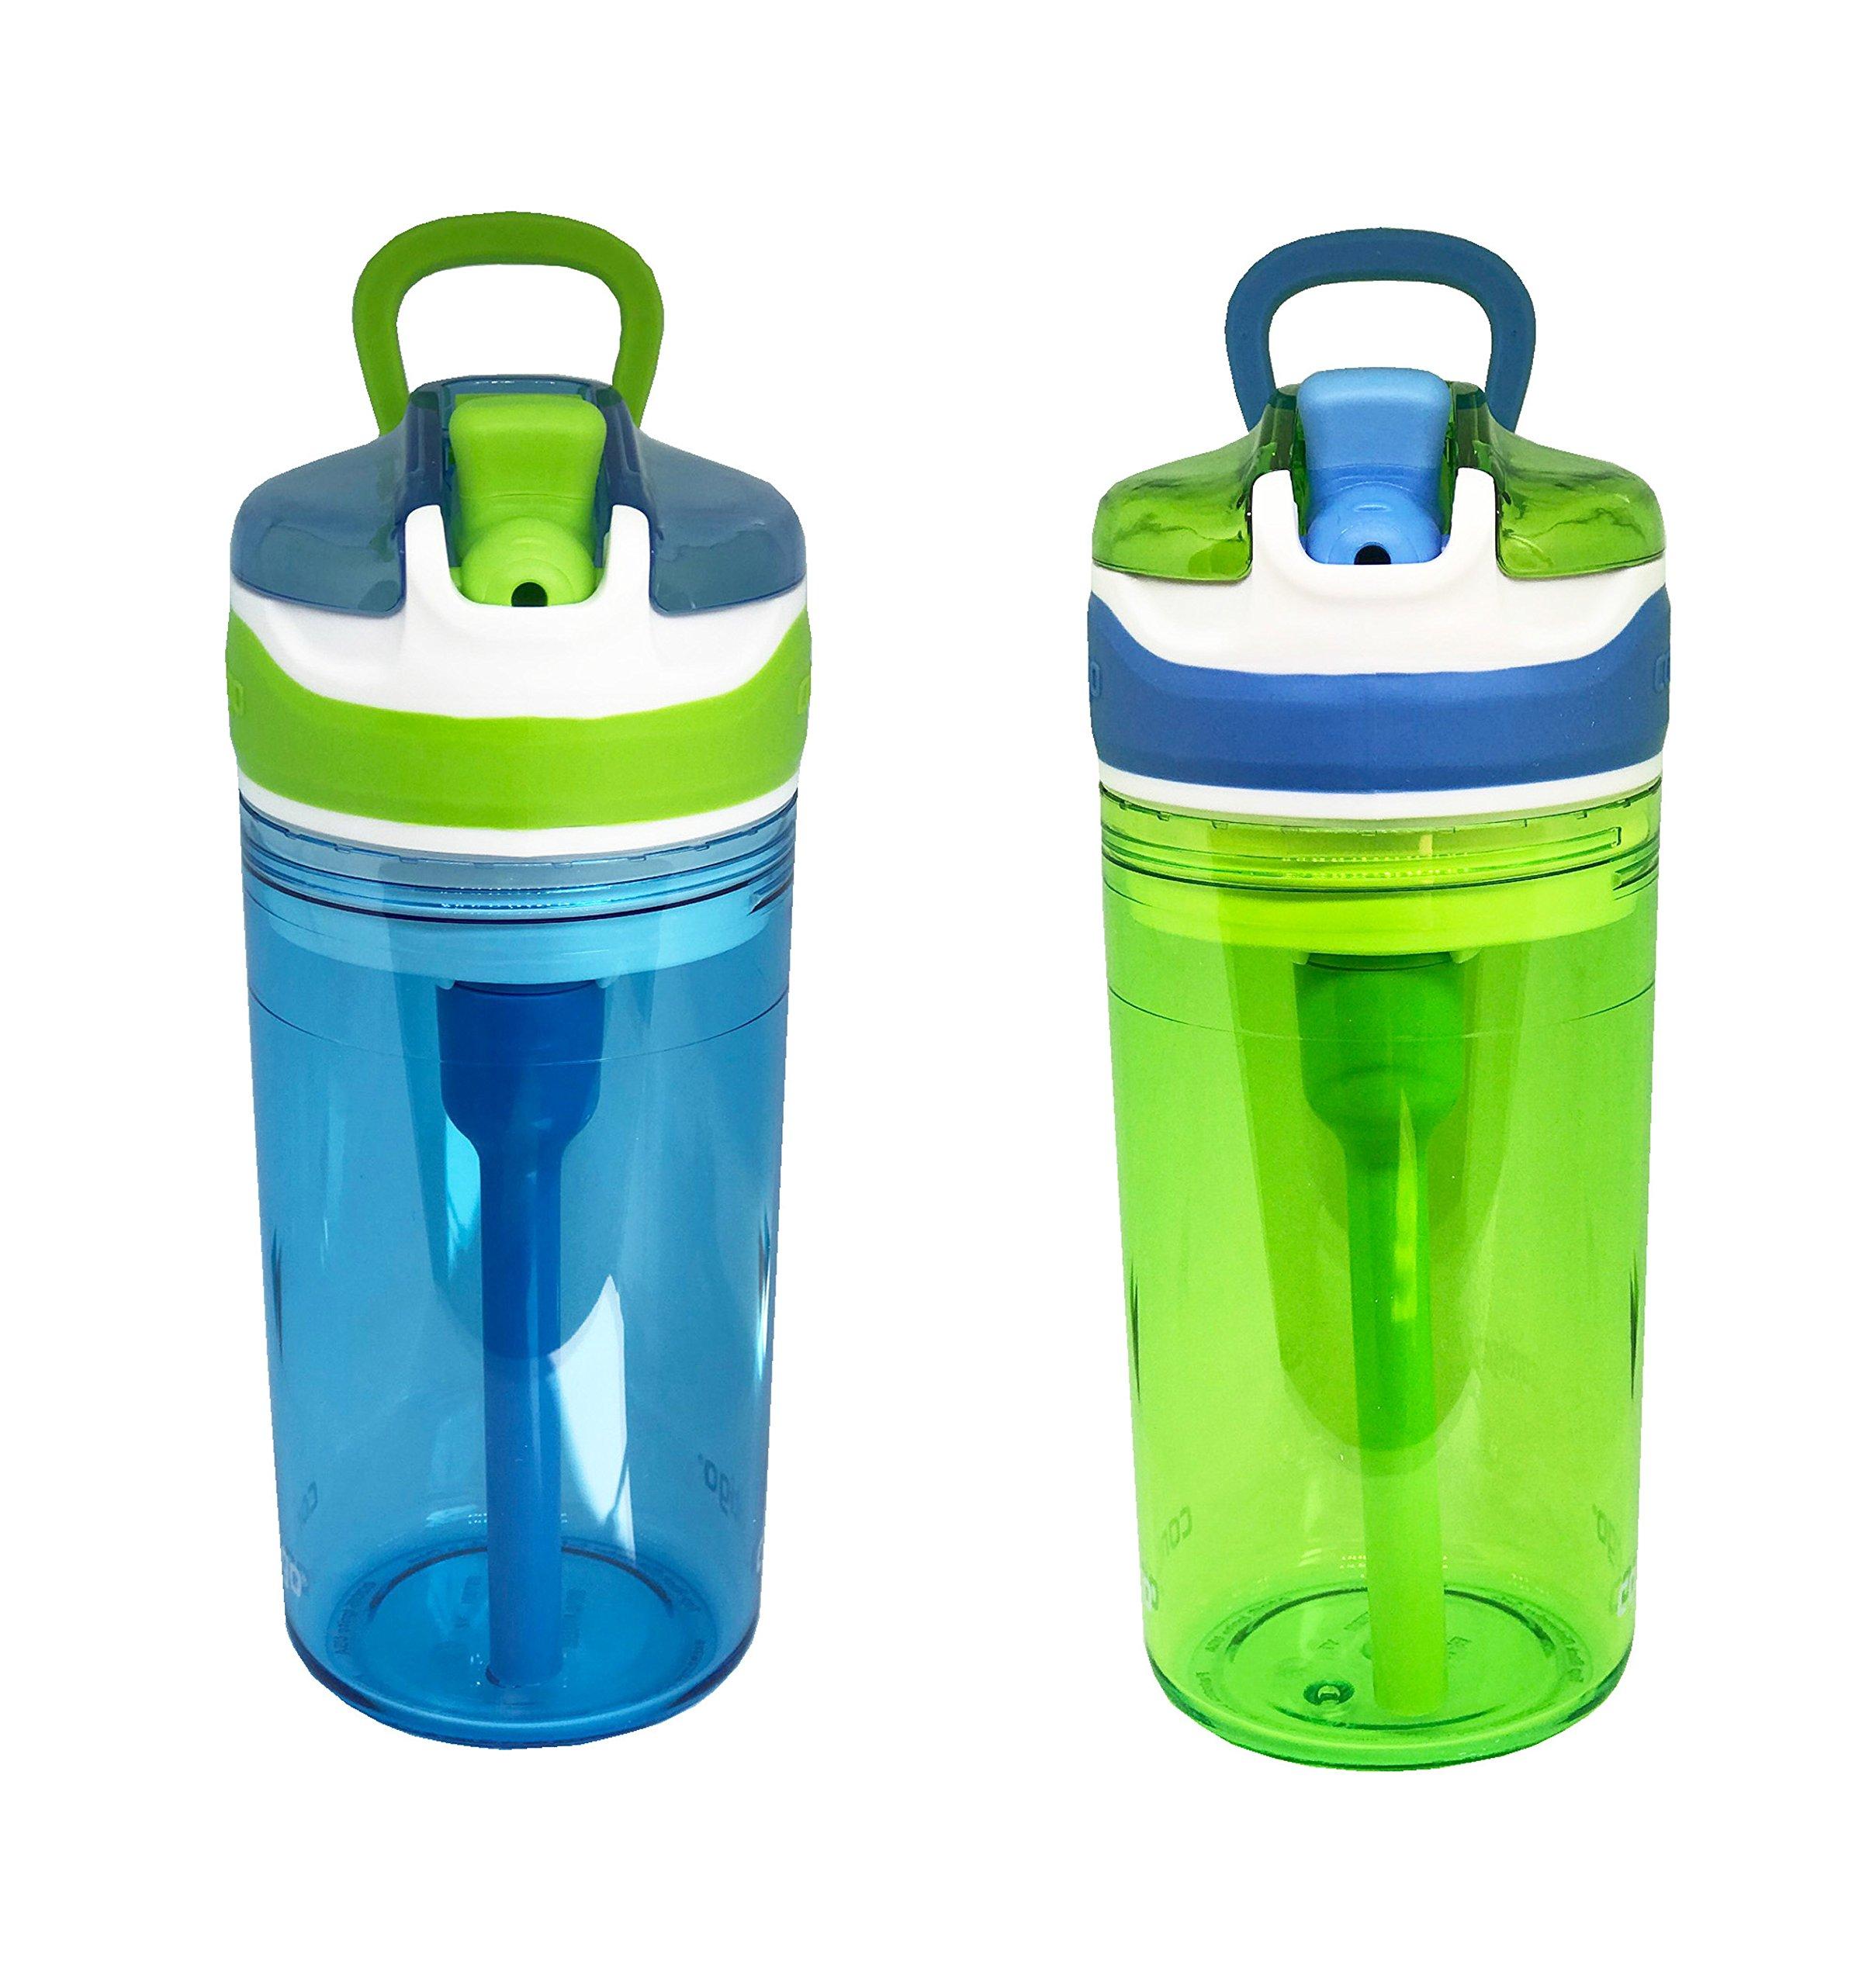 Contigo Water Bottles 2 In 1 Blue/Green by Contigo